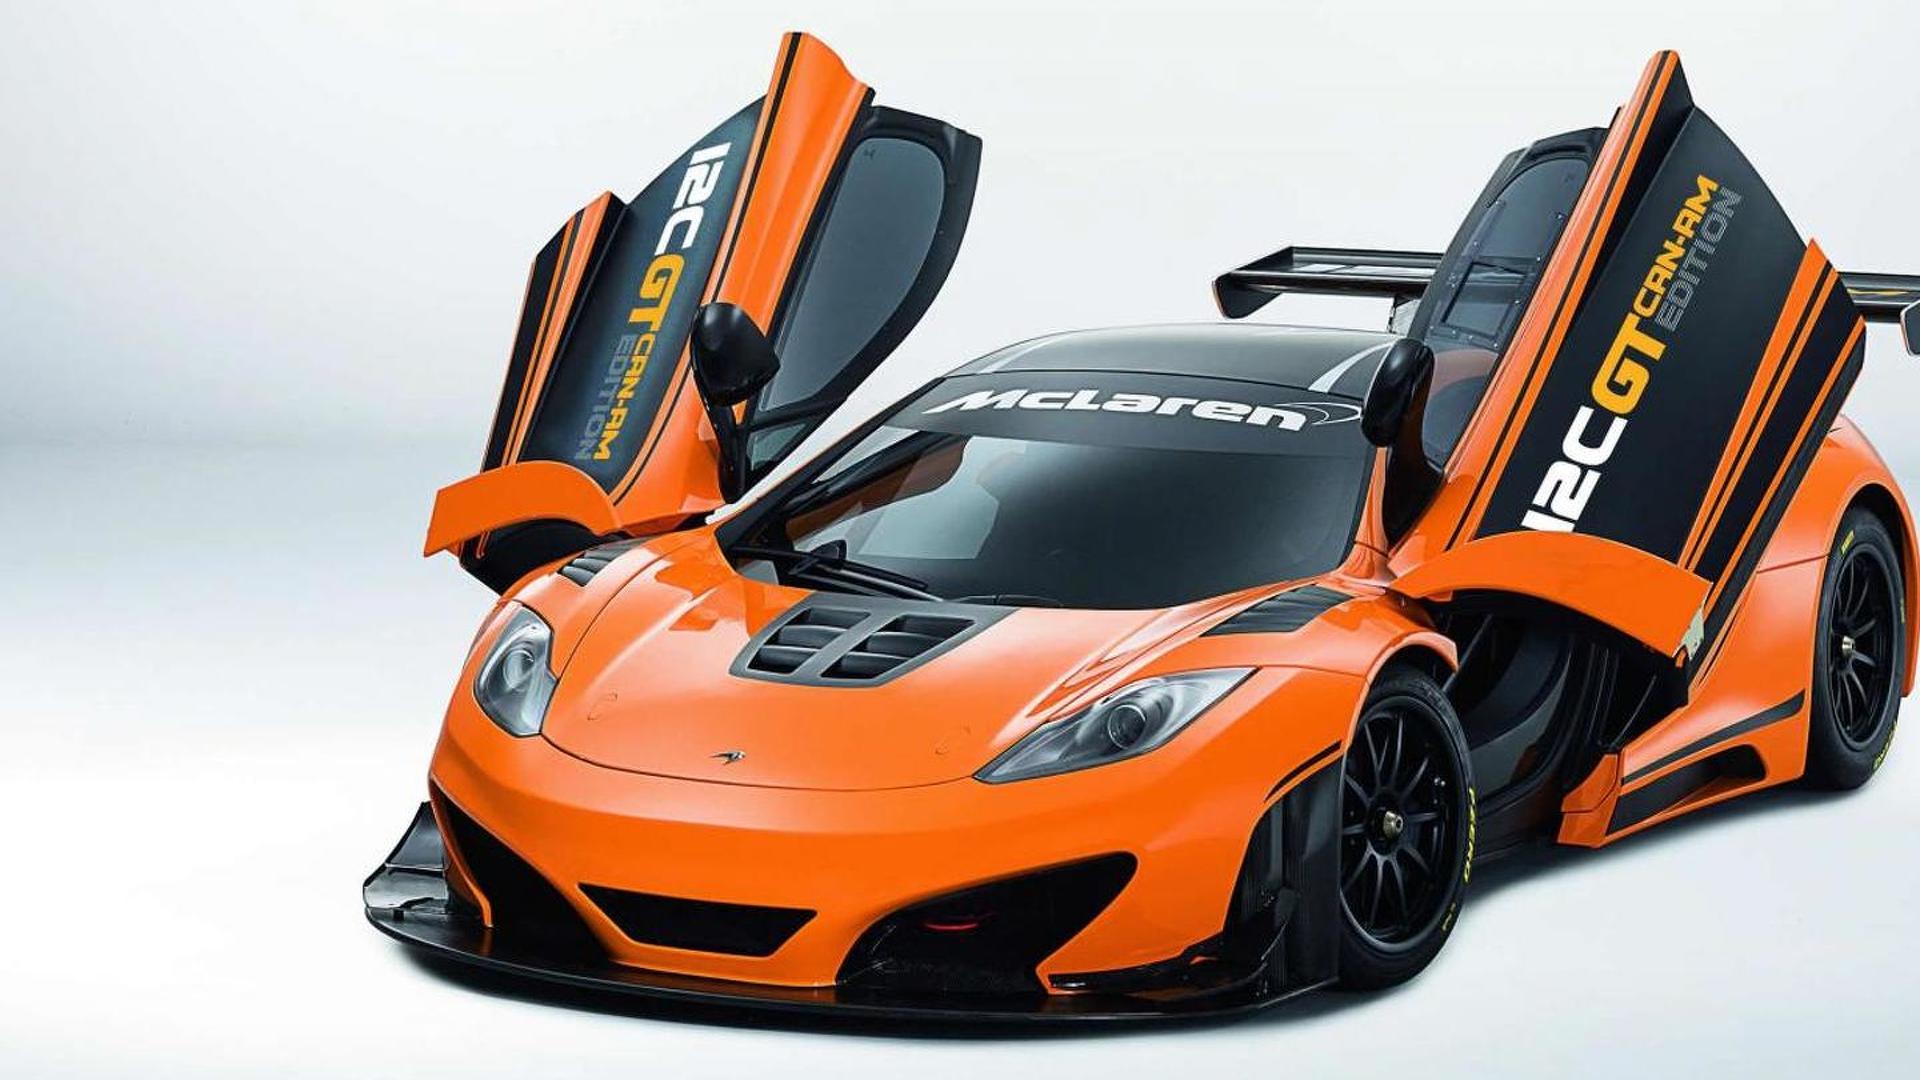 McLaren plotting hardcore 12C to rival Ferrari 458 Speciale - report